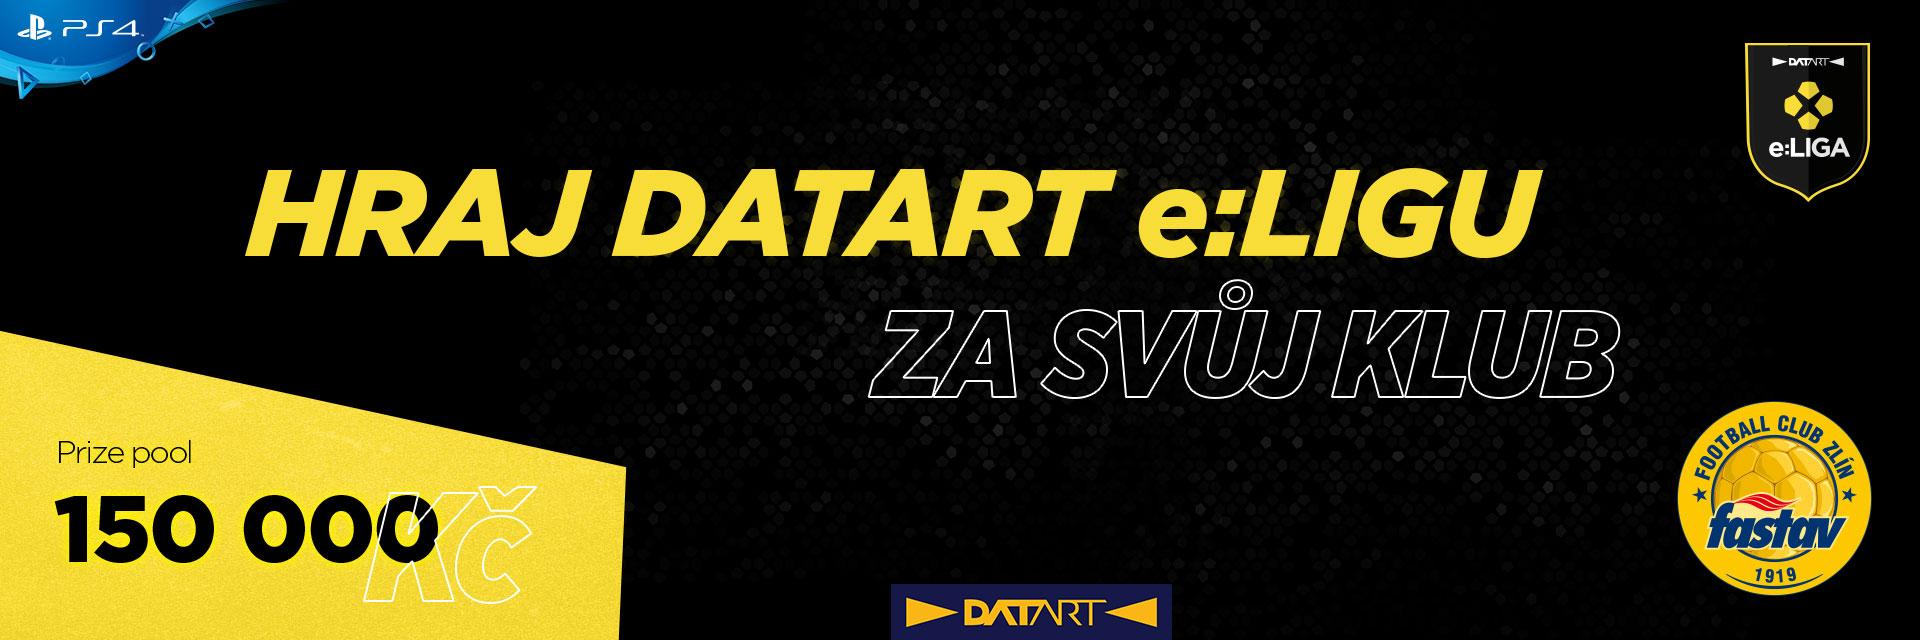 datart-e-liga-semifinale-fc-fastav-zlin